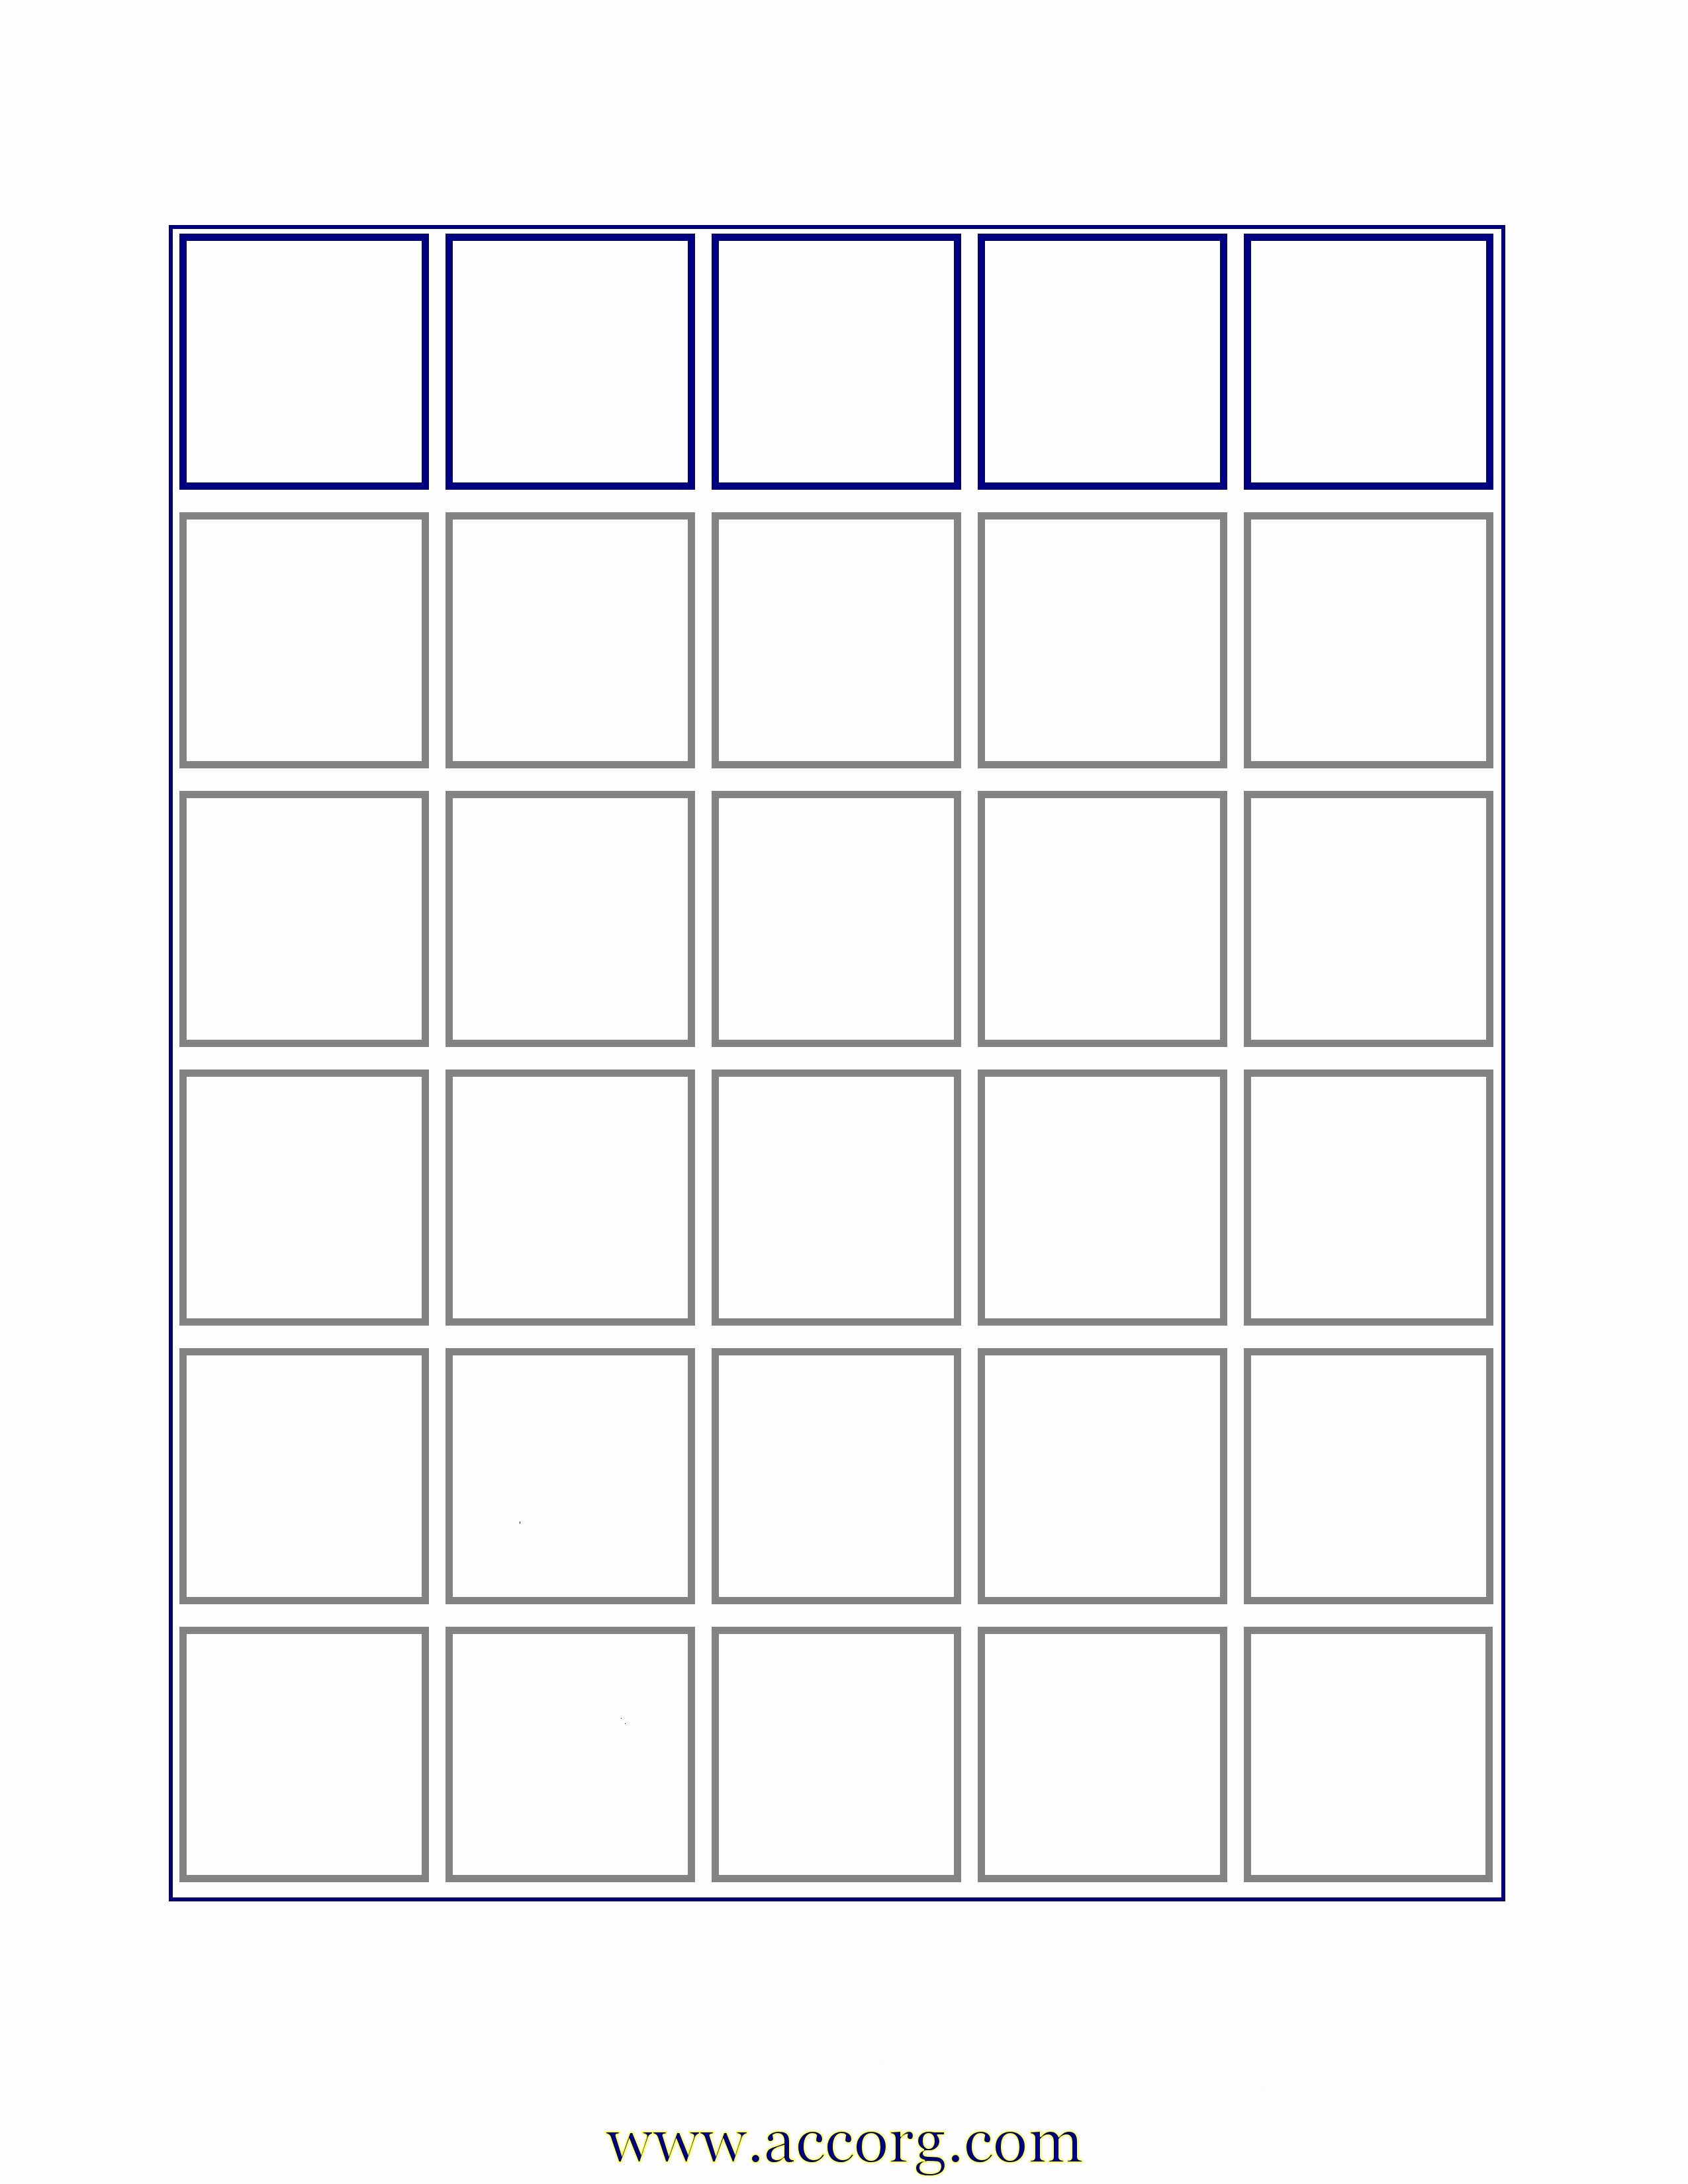 Blank Bingo Card Template Beautiful Template Design Ideas